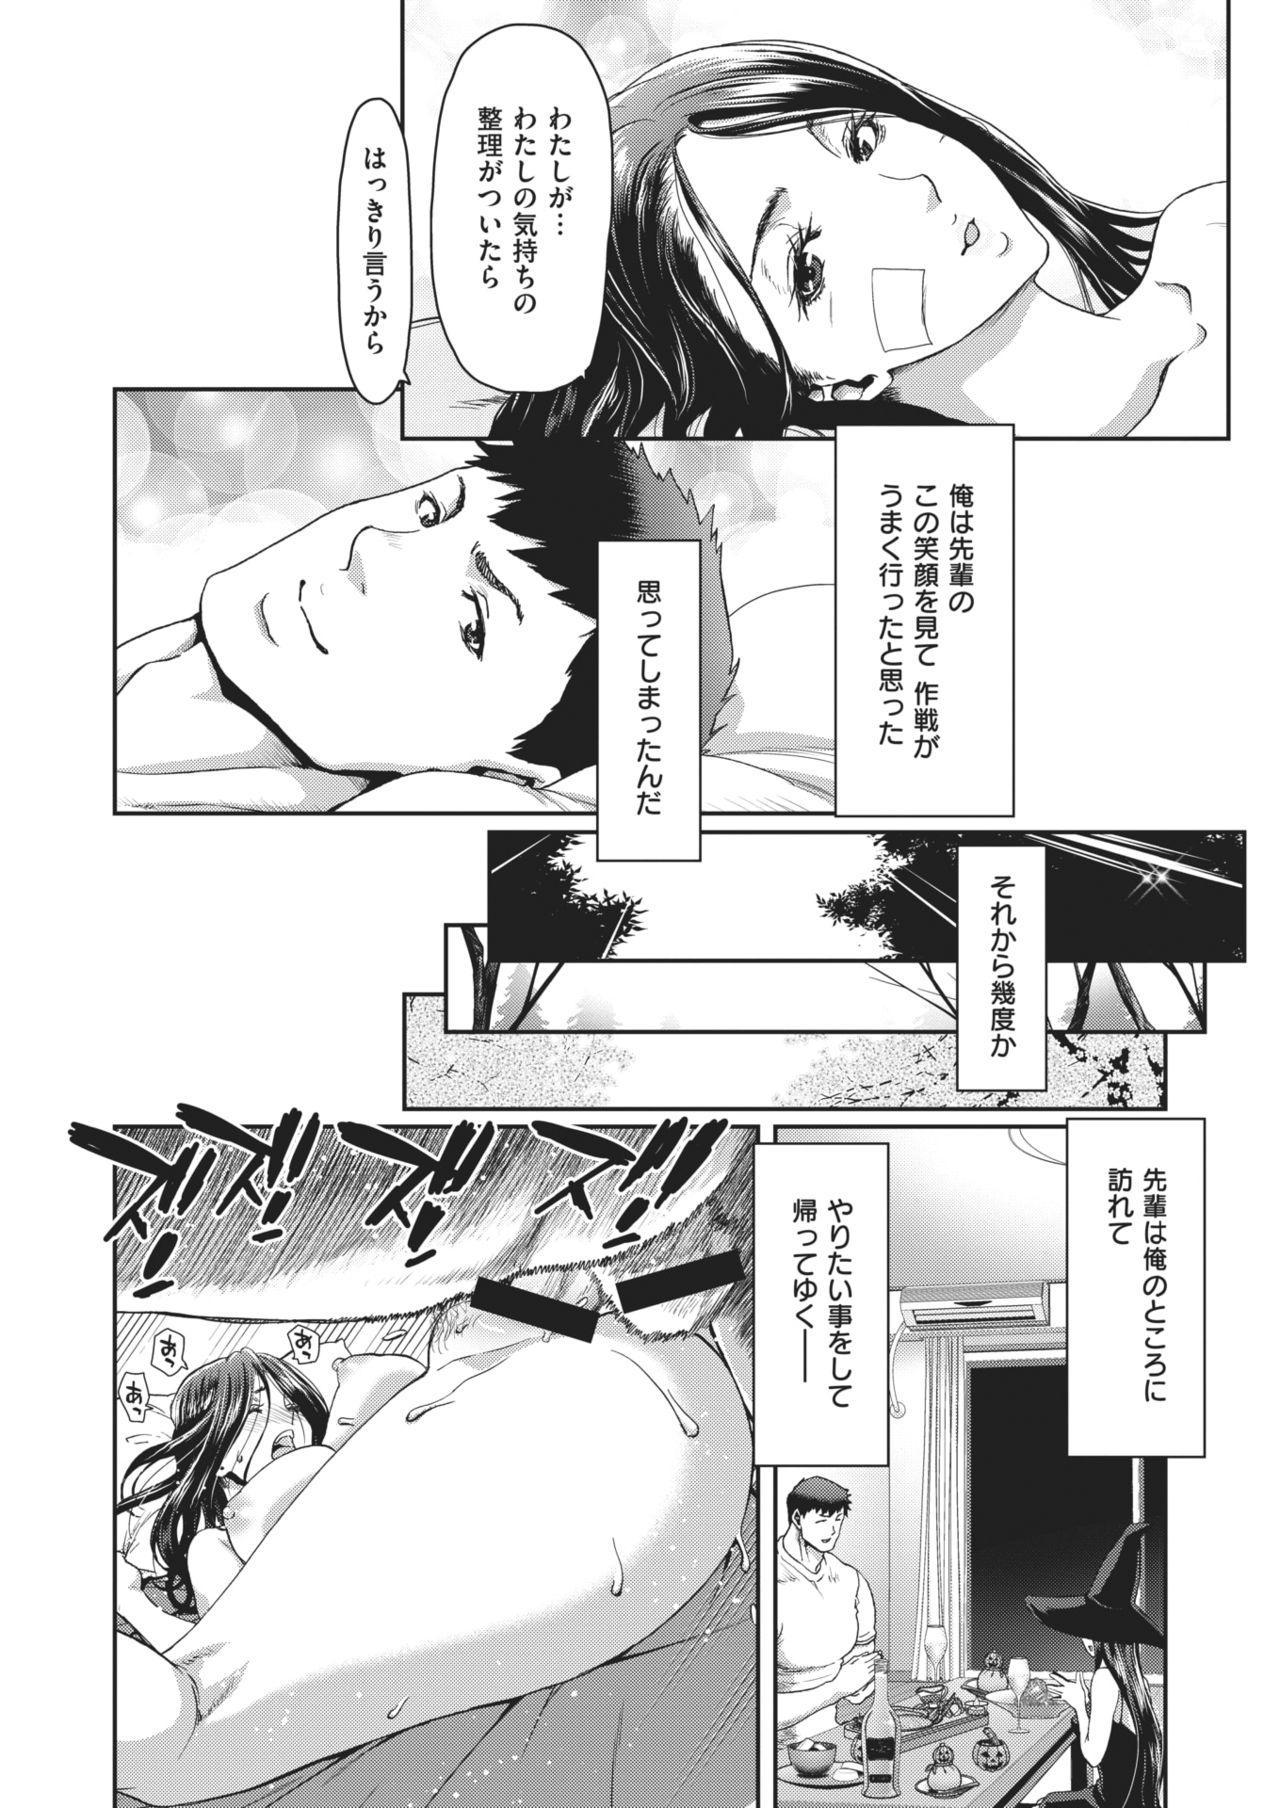 COMIC Shitsurakuten 2021-02 28